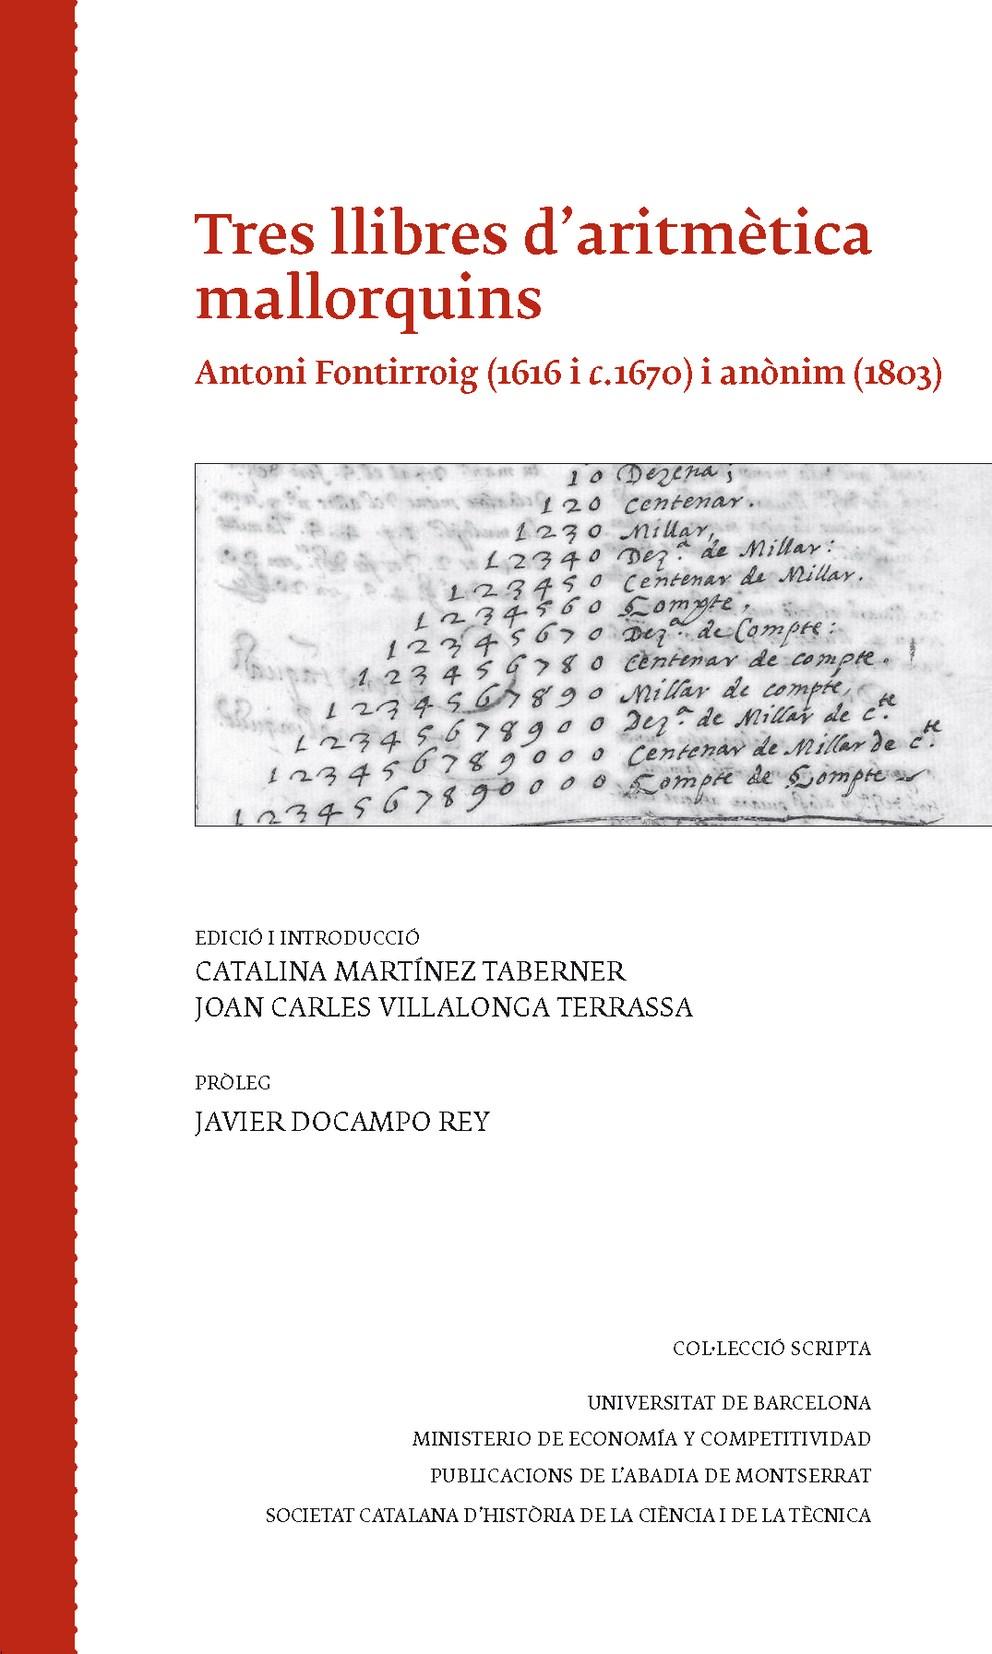 TRES LLIBRES D´?ARITMÈTICA MALLORQUINS : ANTONI FONTIRROIG (1616 I 1670) I ANÒNIM (1803)